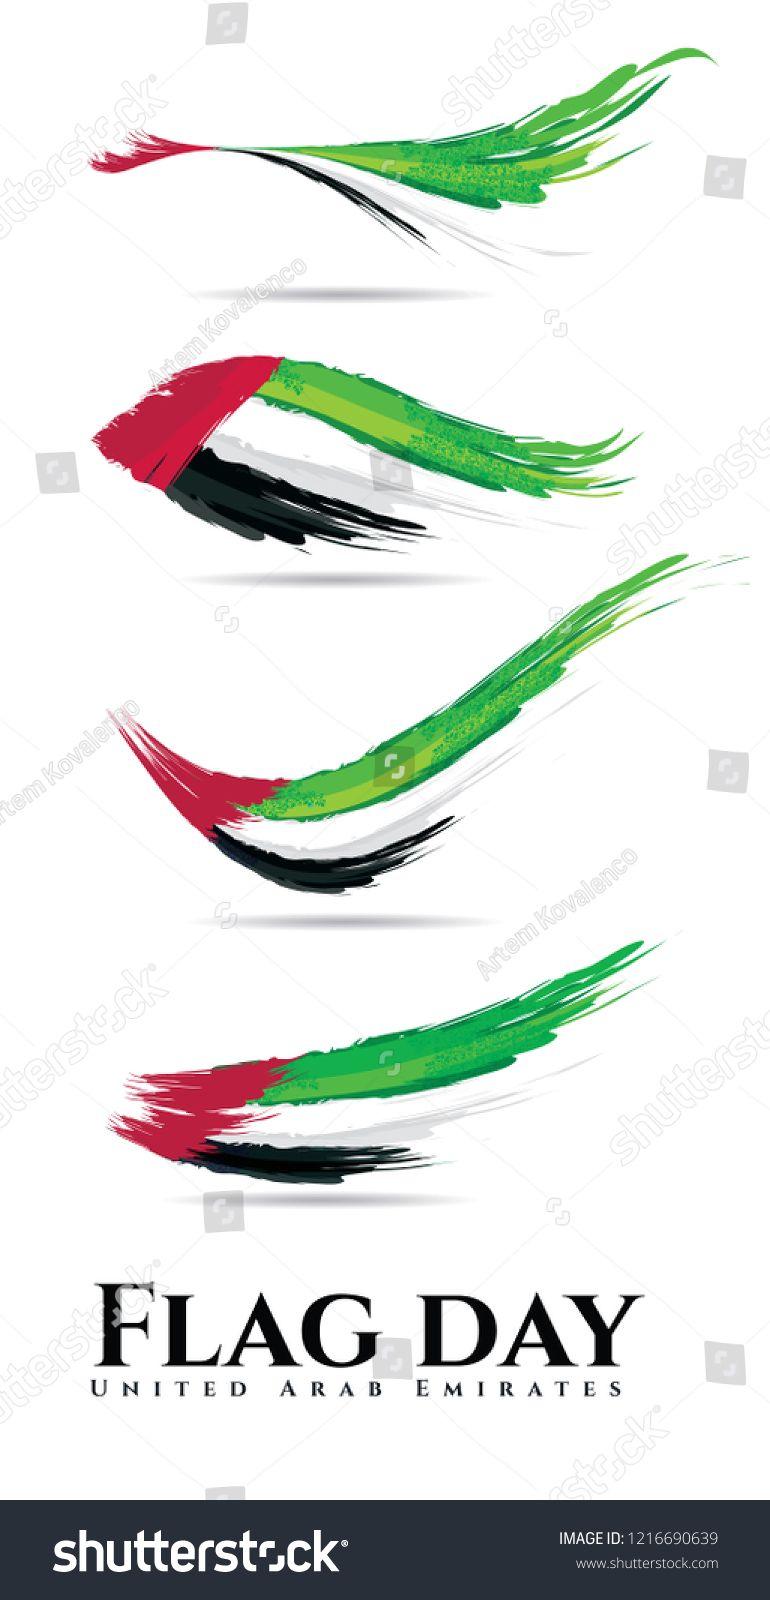 vector illustration. holiday UAE. United Arab Emirates